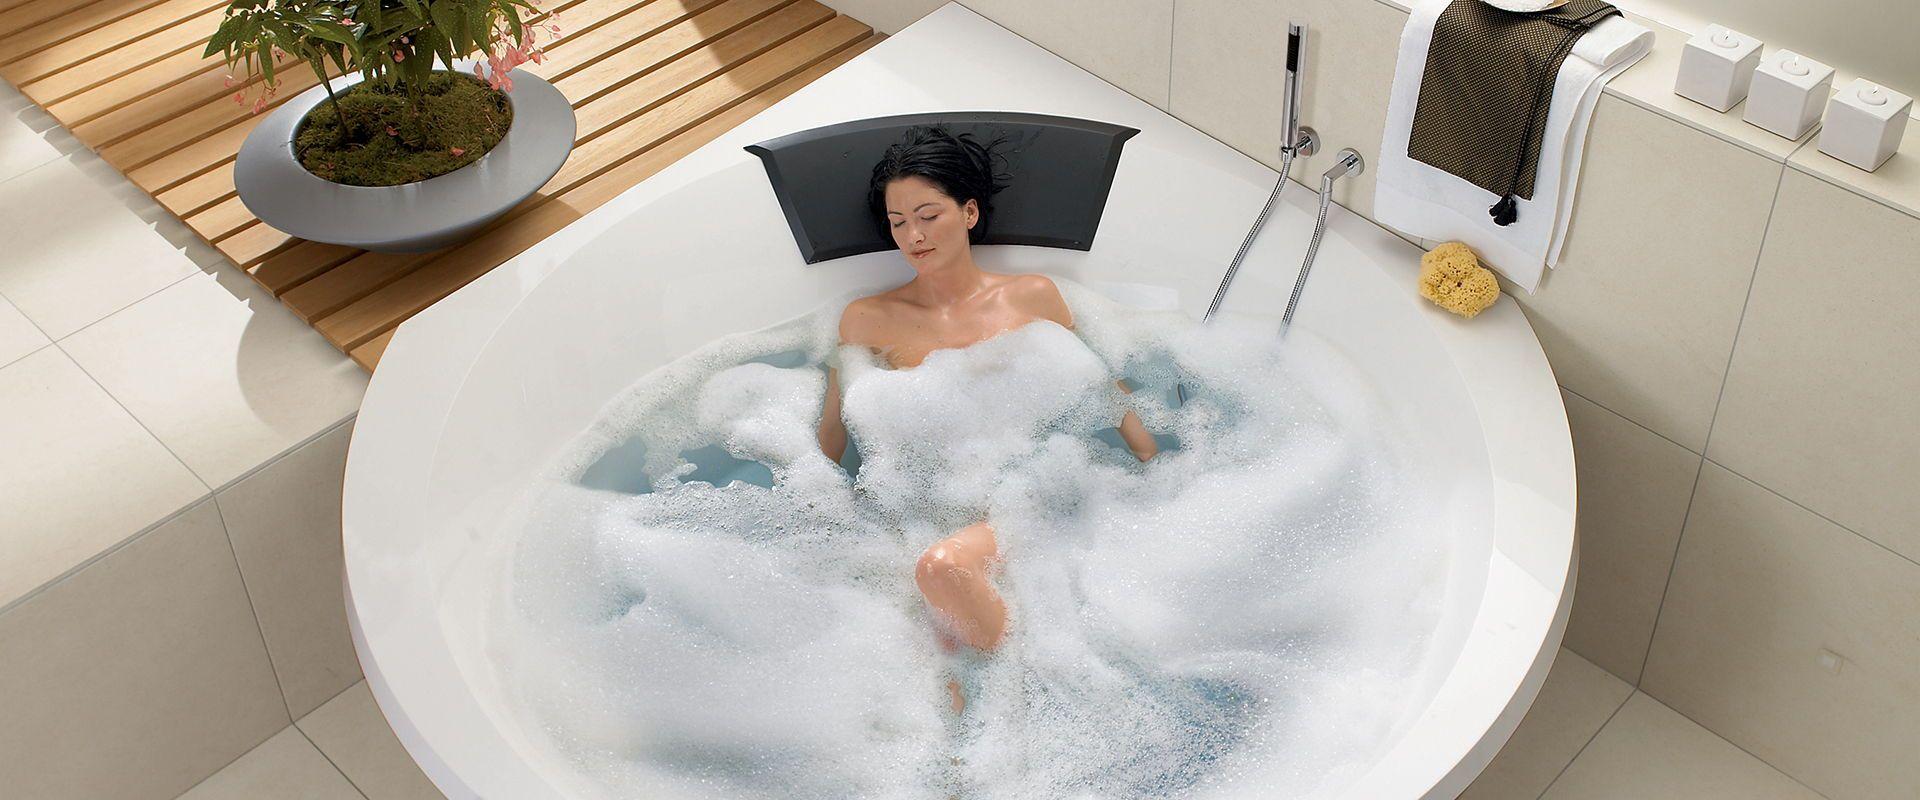 So Viel Kostet Dein Traumbad Grosse Badewanne Bad Und Neues Bad